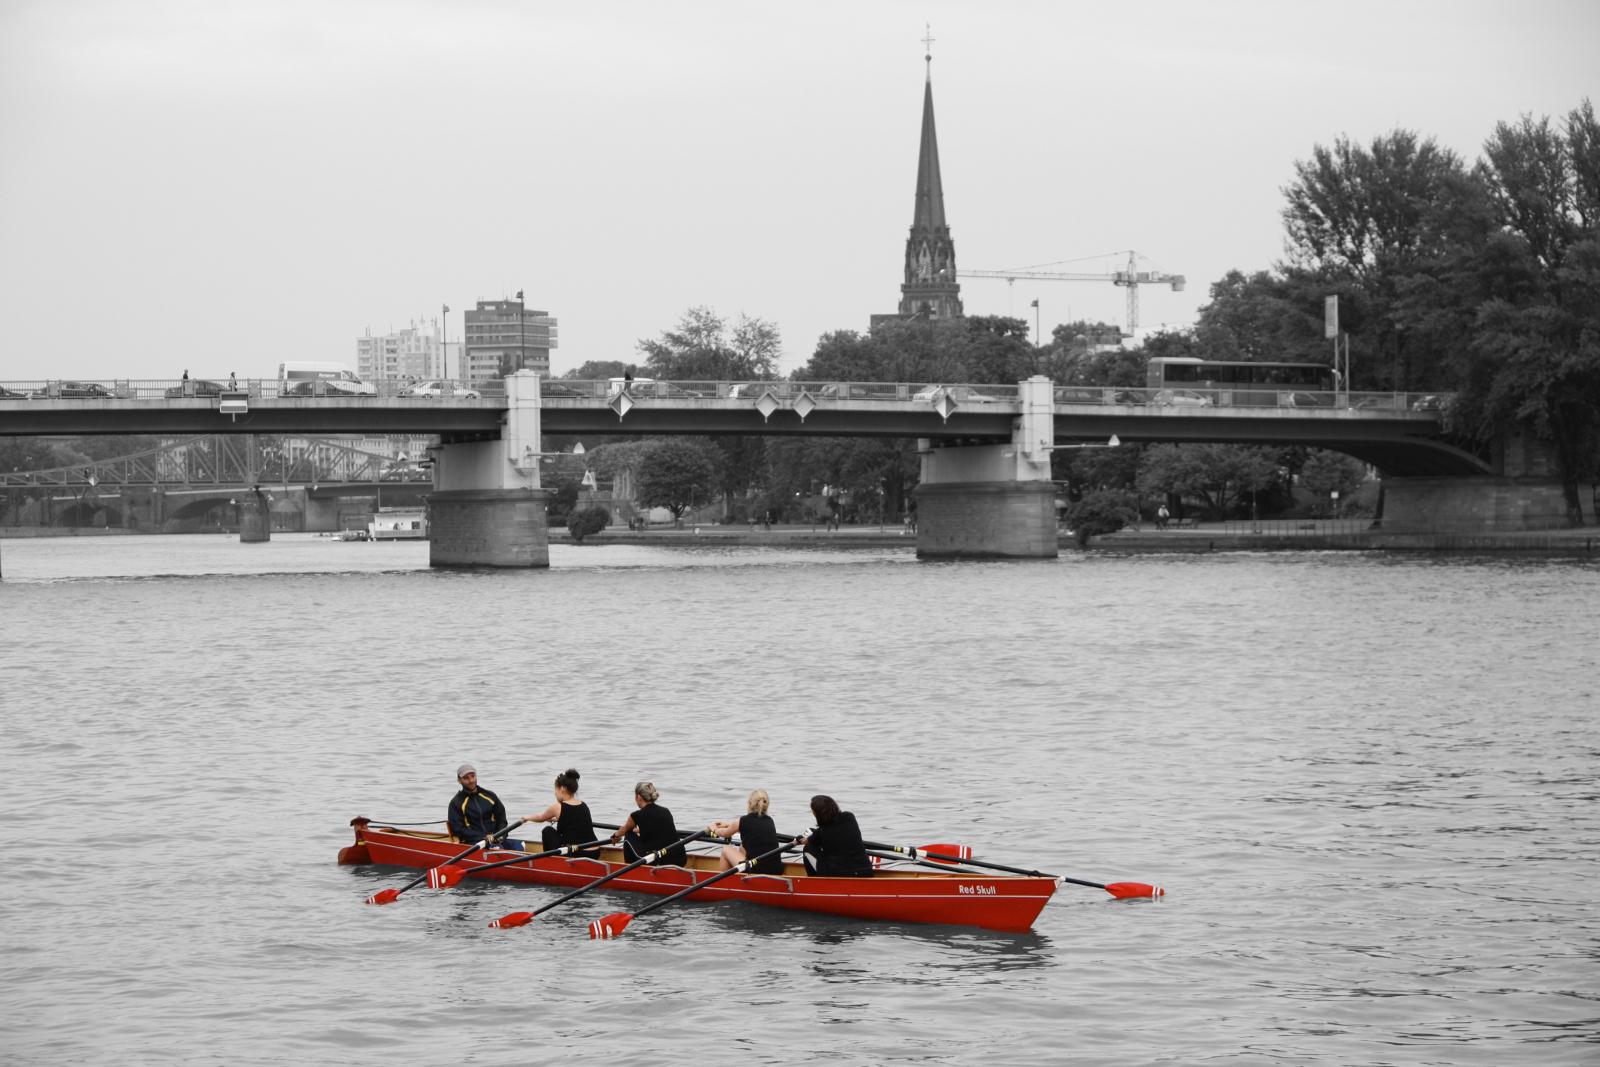 Remo sobre el río Meno, Frankfurt, Alemania